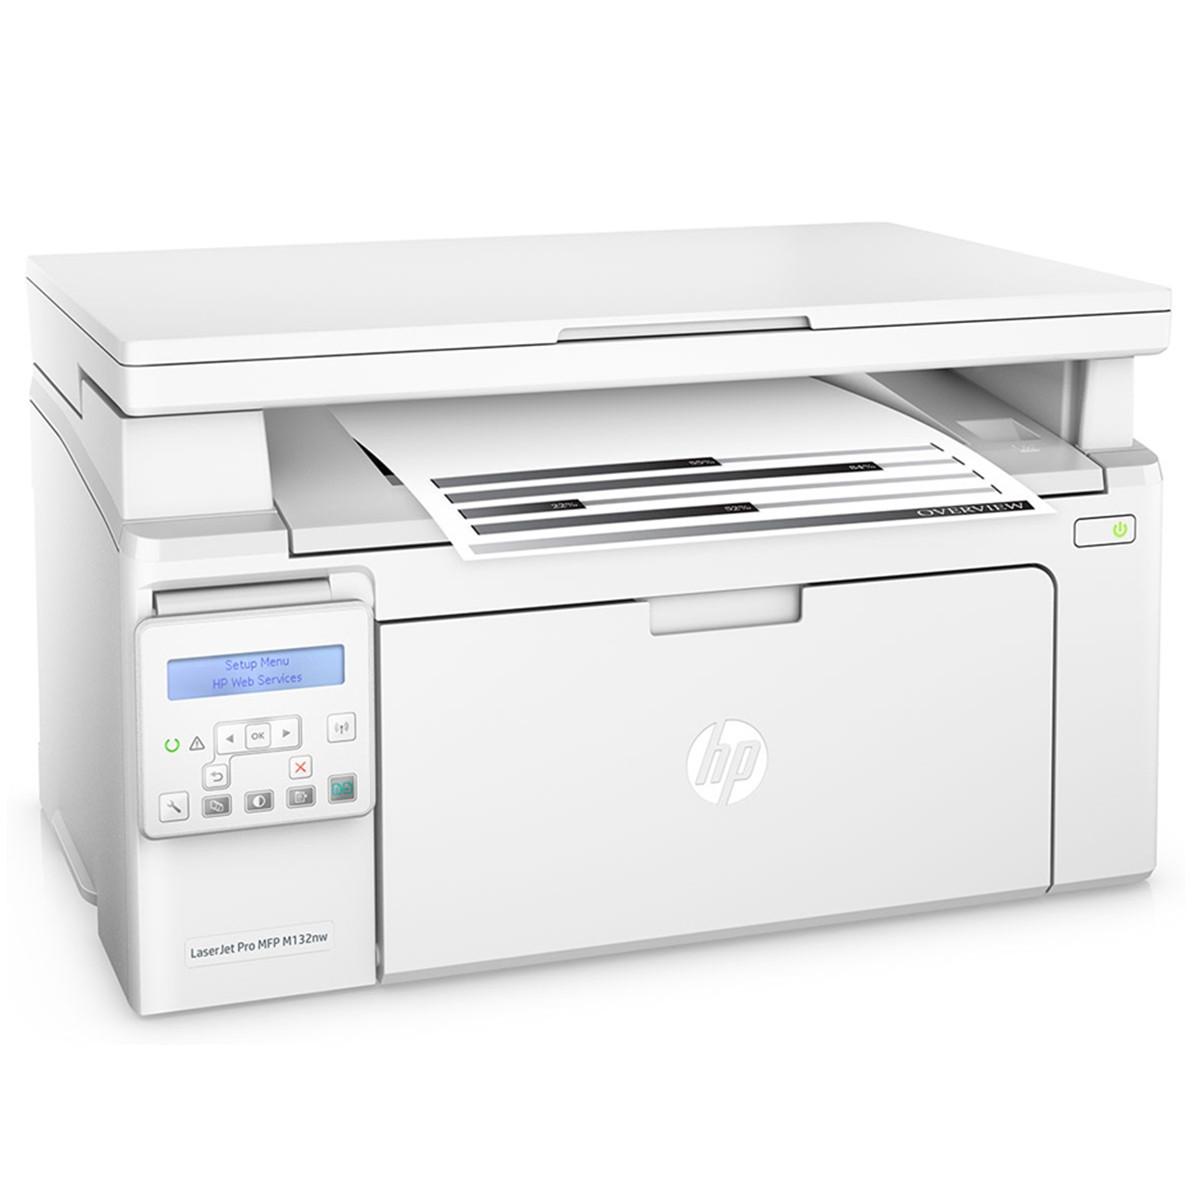 Impressora HP LaserJet M132NW G3Q62A Multifuncional com Wireless